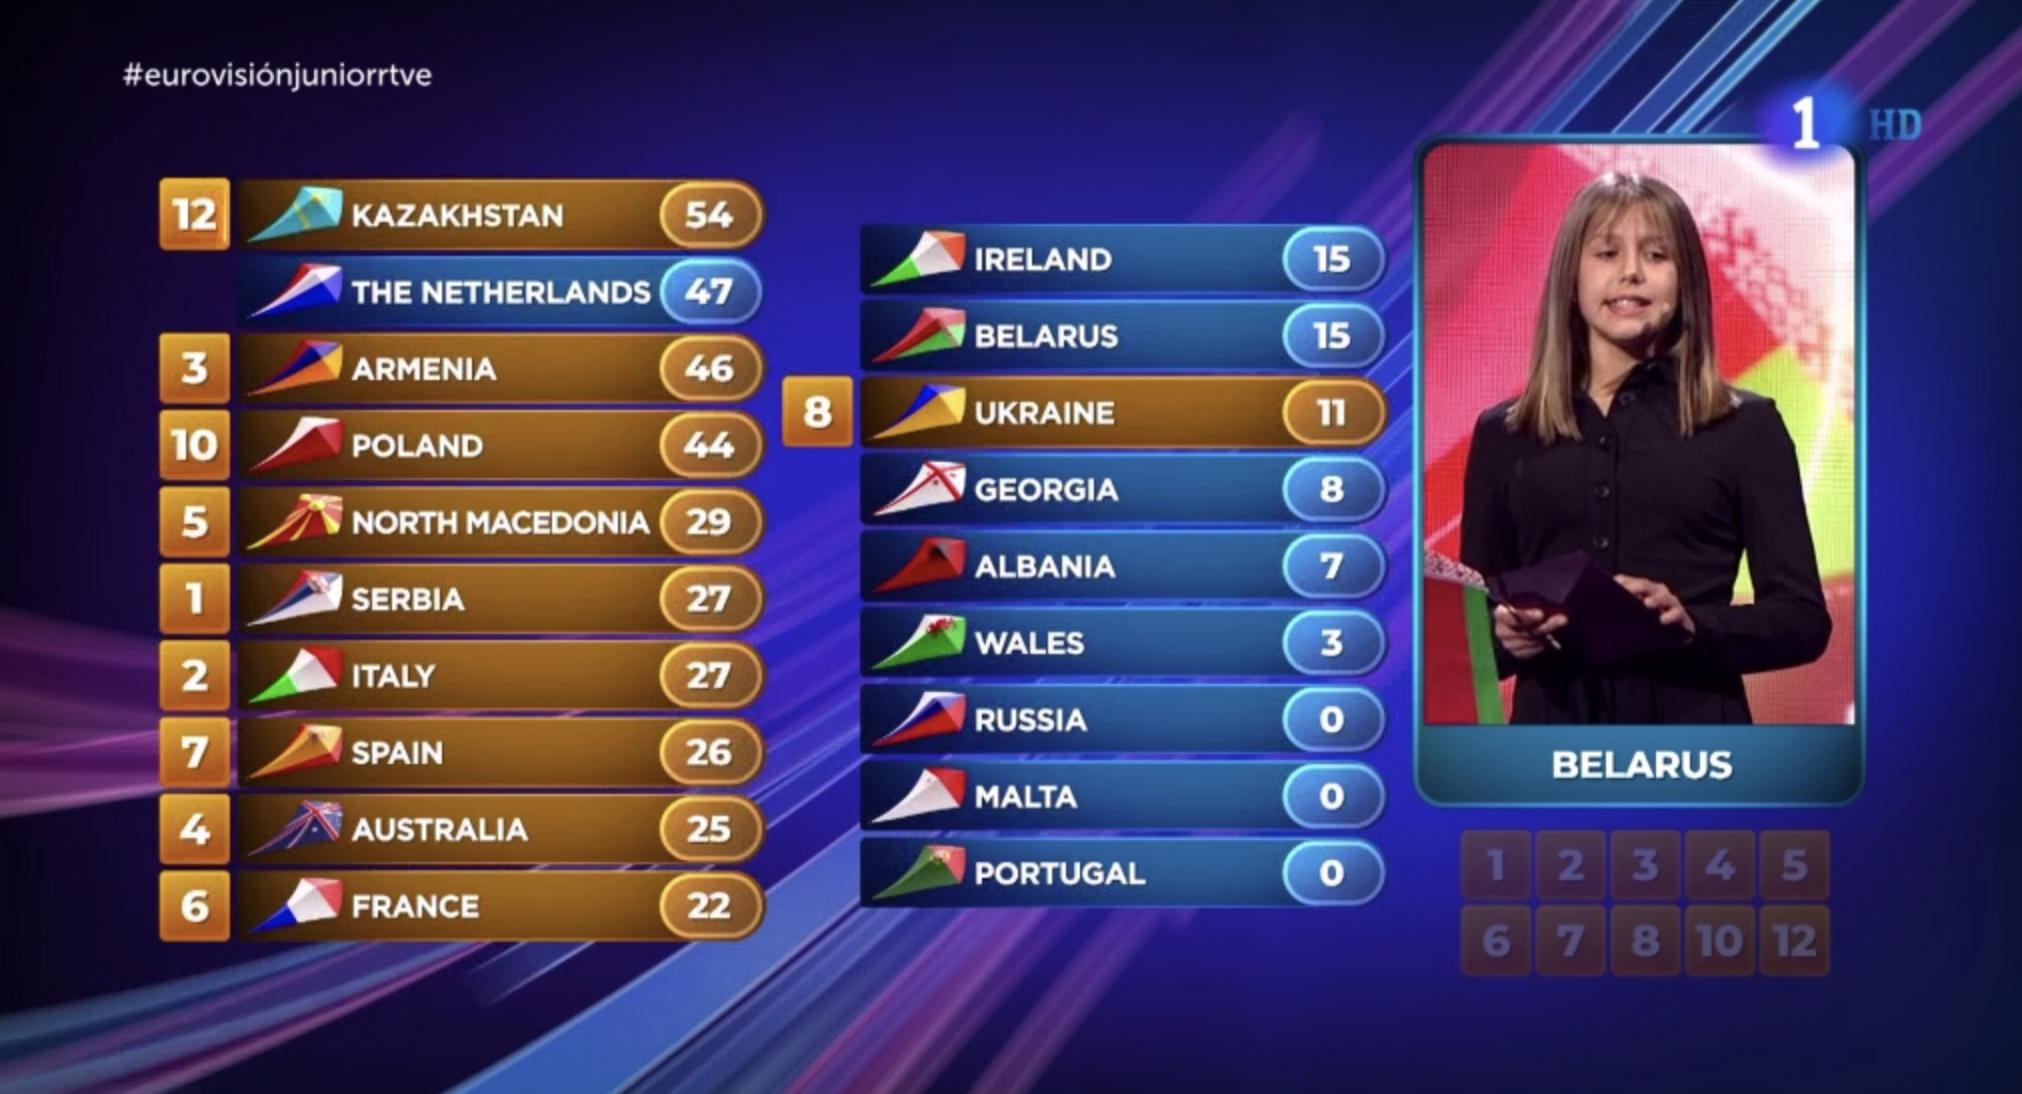 España se aleja del top-5 tras la votación del jurado de Bielorrusia